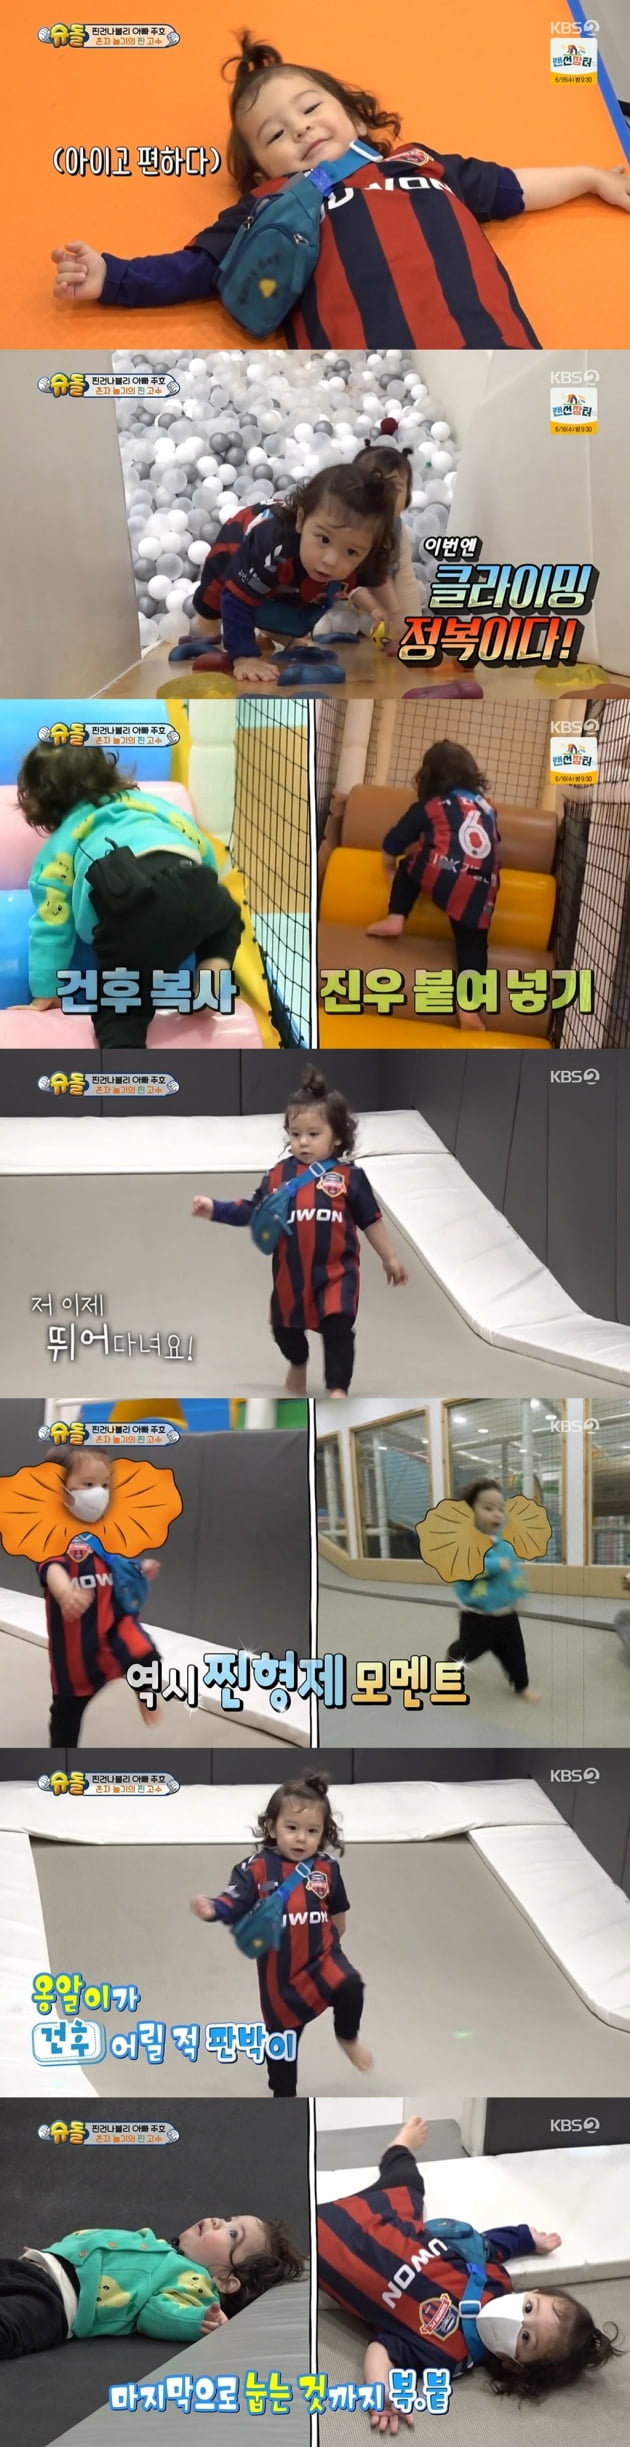 '슈돌' 건후 붕어빵 진우, 레전드 영상 재현